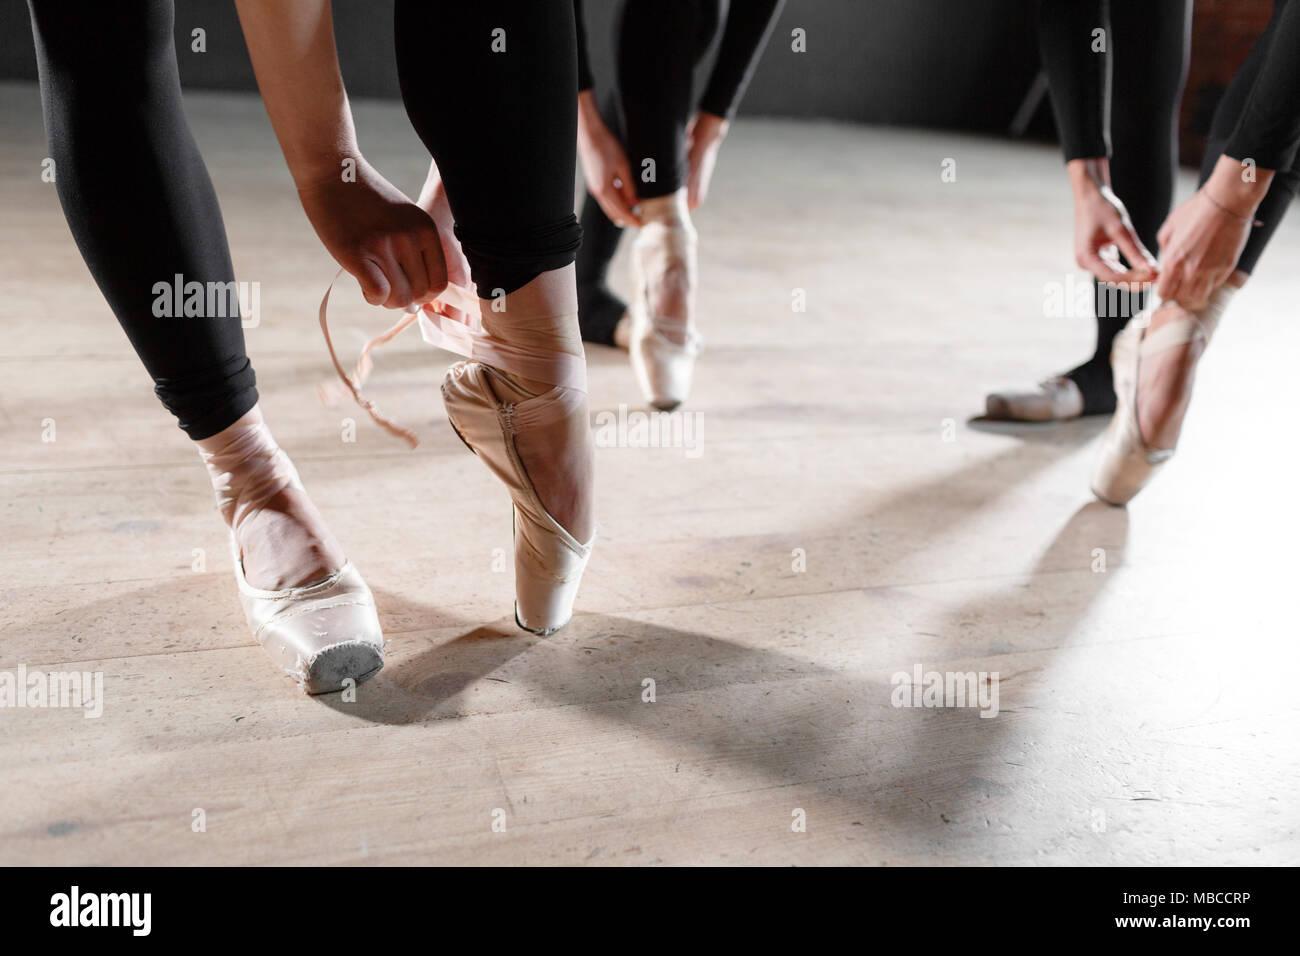 El concepto de ballet. Pointe zapatos de cerca. Joven bailarina niñas. Las mujeres en el ensayo en blanco bodysuits. Preparar una representación teatral Imagen De Stock